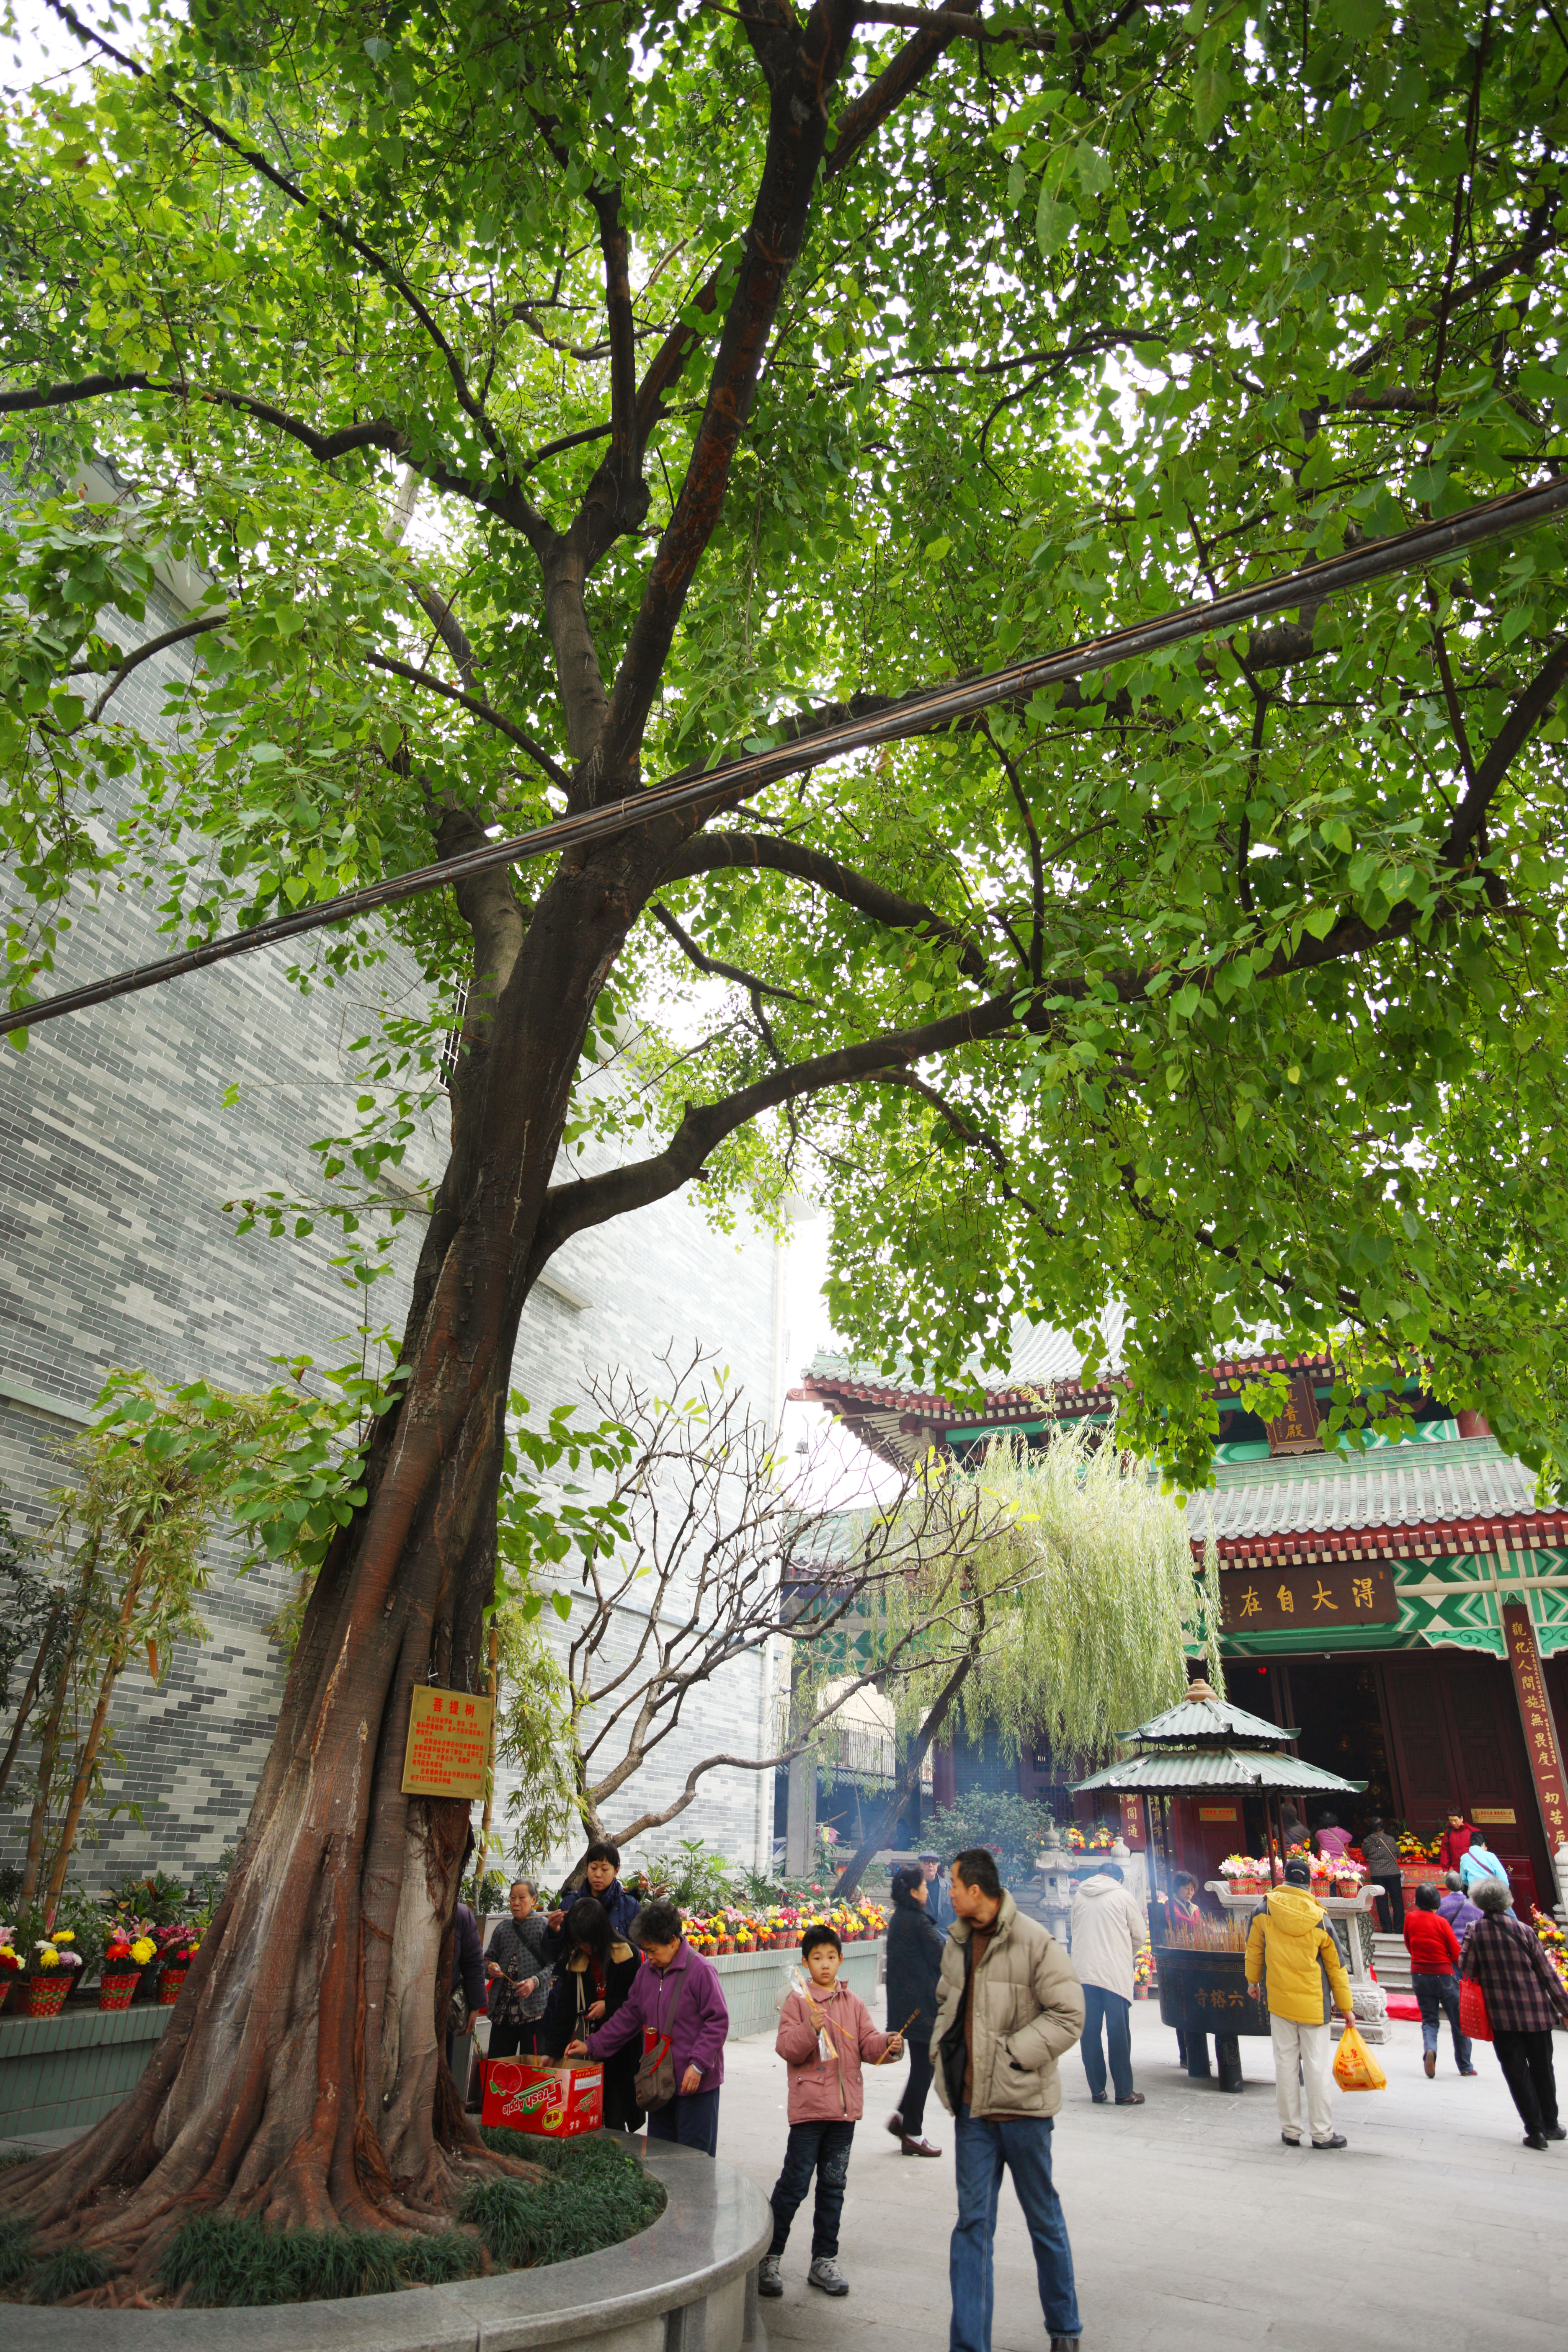 Yun fotografie di scorta gratis no 13668 un albero di for Tiglio albero